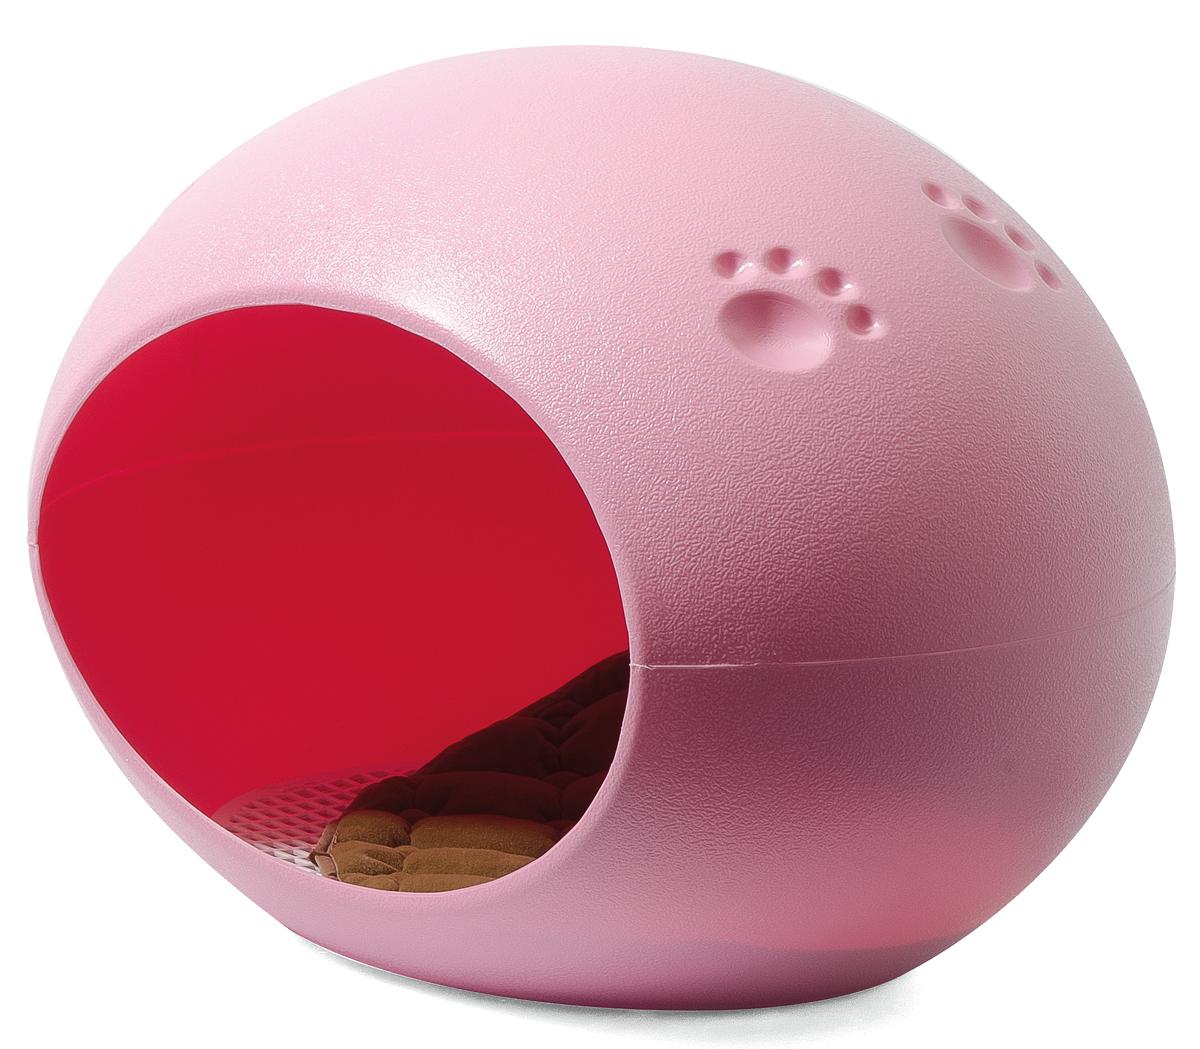 Домик-лежанка V.I.Pet, овальный, цвет: розовый, 60 см х 40 см х 40 смBP228Домик-лежанка с непревзойденным дизайном для кошек и мелких собак. Разборный. Очень удобен, вместителен и легко может заменить питомцу домик. В комплект входит мягкая подстилка. Домик гармонично впишется в интерьер помещения, оформленного в стиле хай-тек, техно, модерн, минимализм. Такой стильный домик украсит интерьер, подчеркнет вашу индивидуальность и будет радовать вас и вашего питомца.